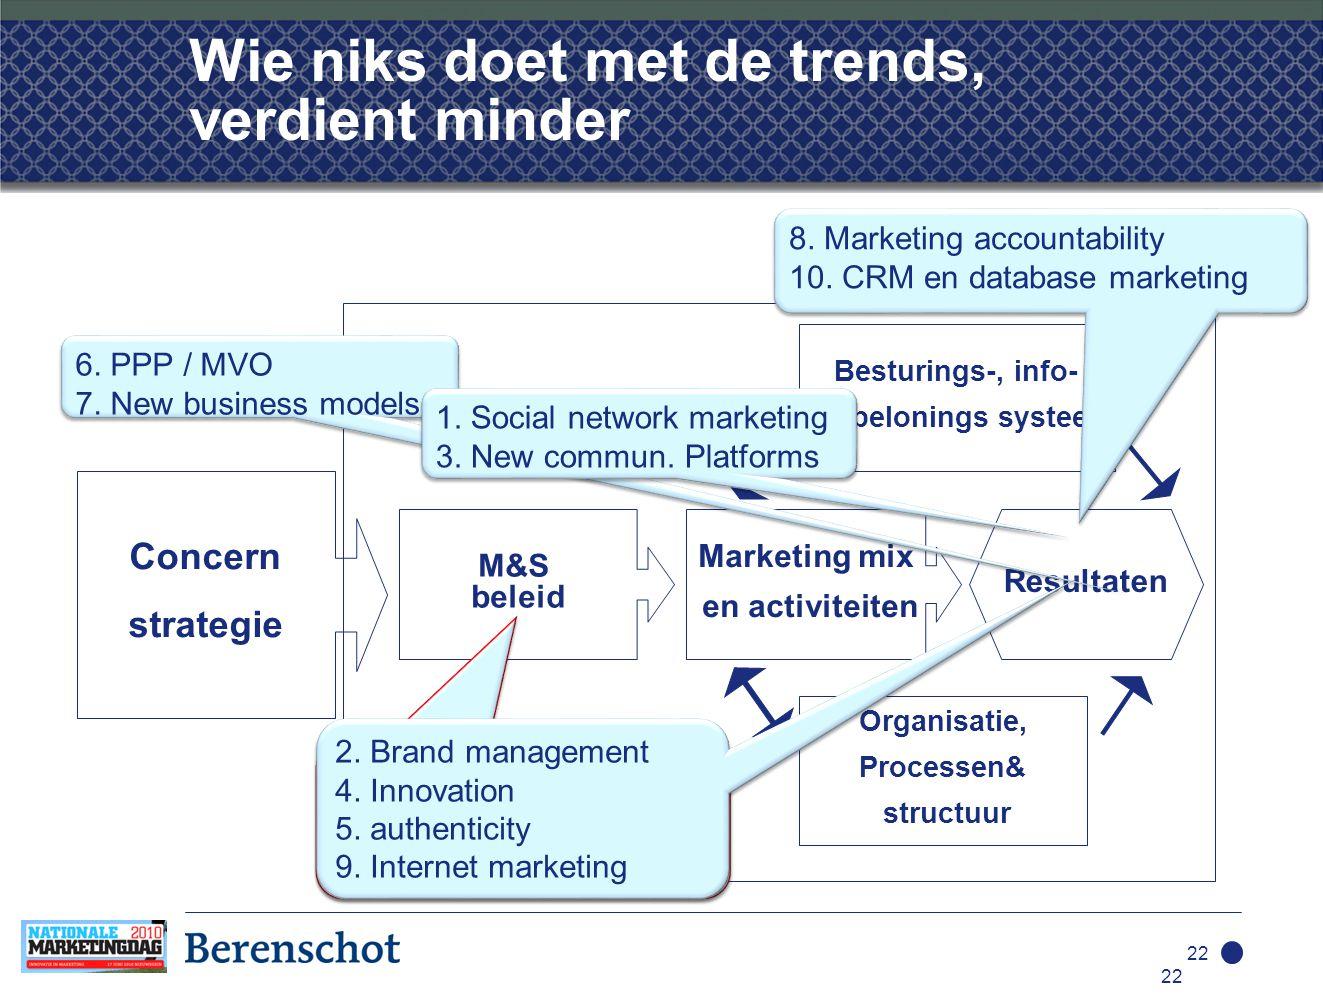 22 Wie niks doet met de trends, verdient minder 22 M&S beleid Marketing mix en activiteiten Resultaten Besturings-, info- en belonings systeem Organisatie, Processen& structuur Concern strategie 6.